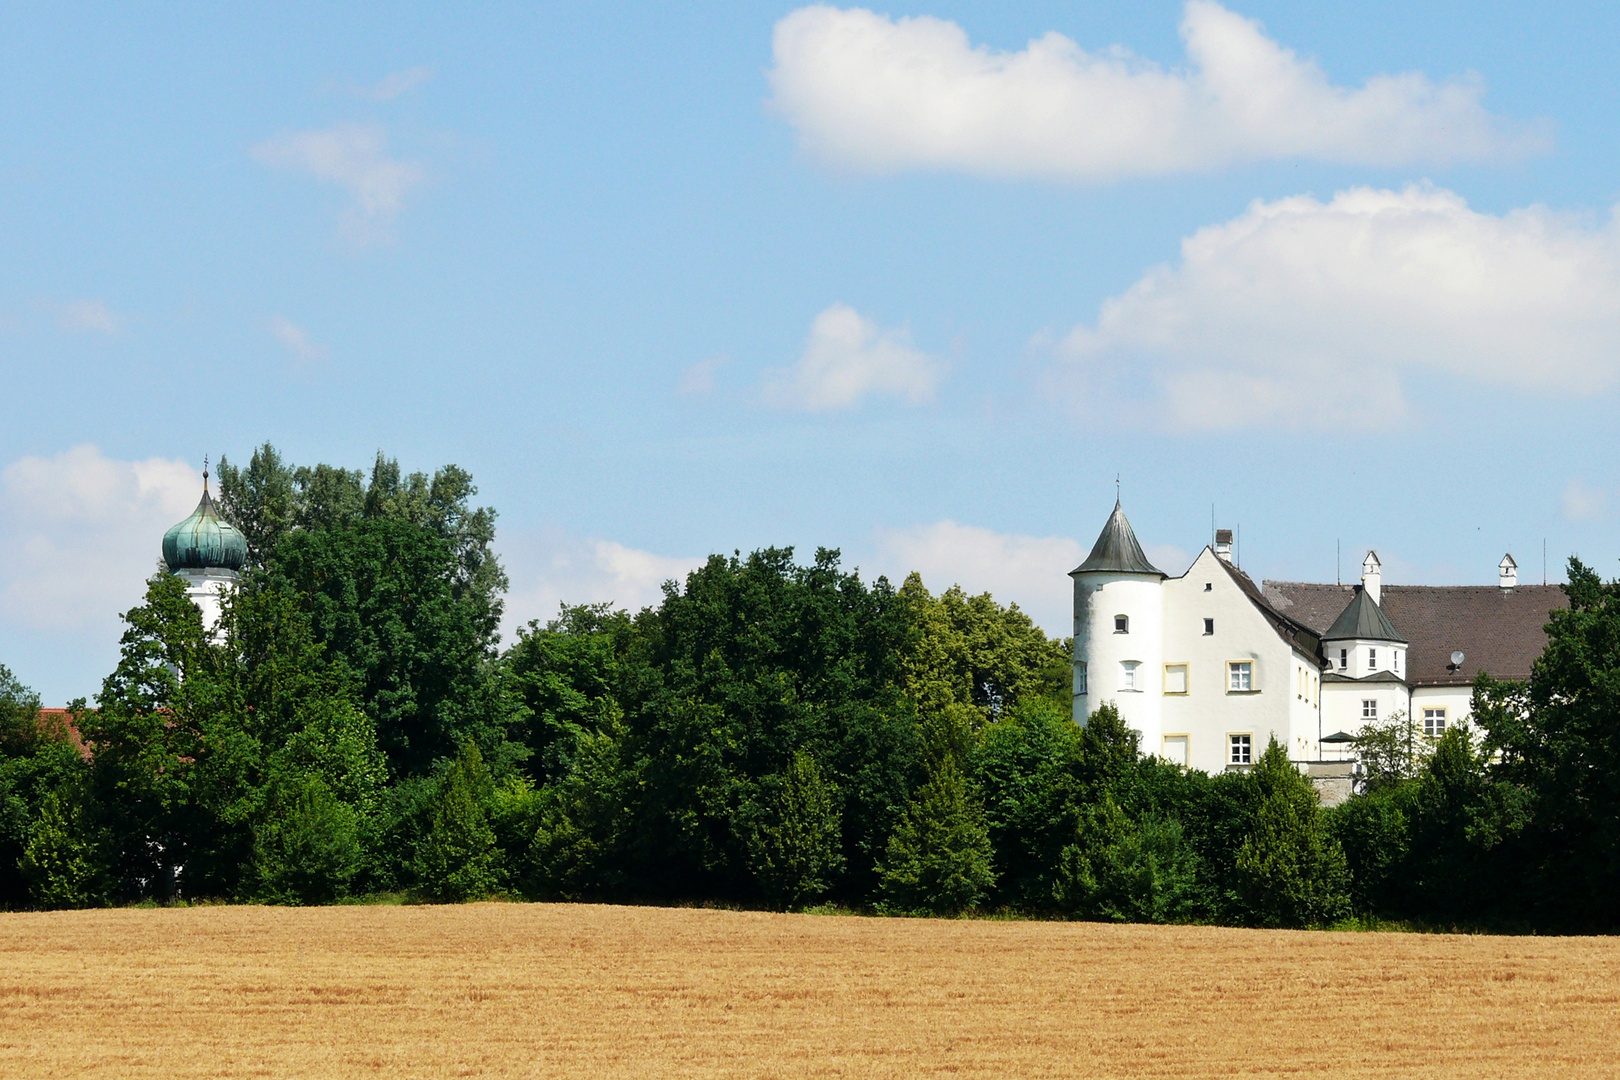 Schloß Lauterbach